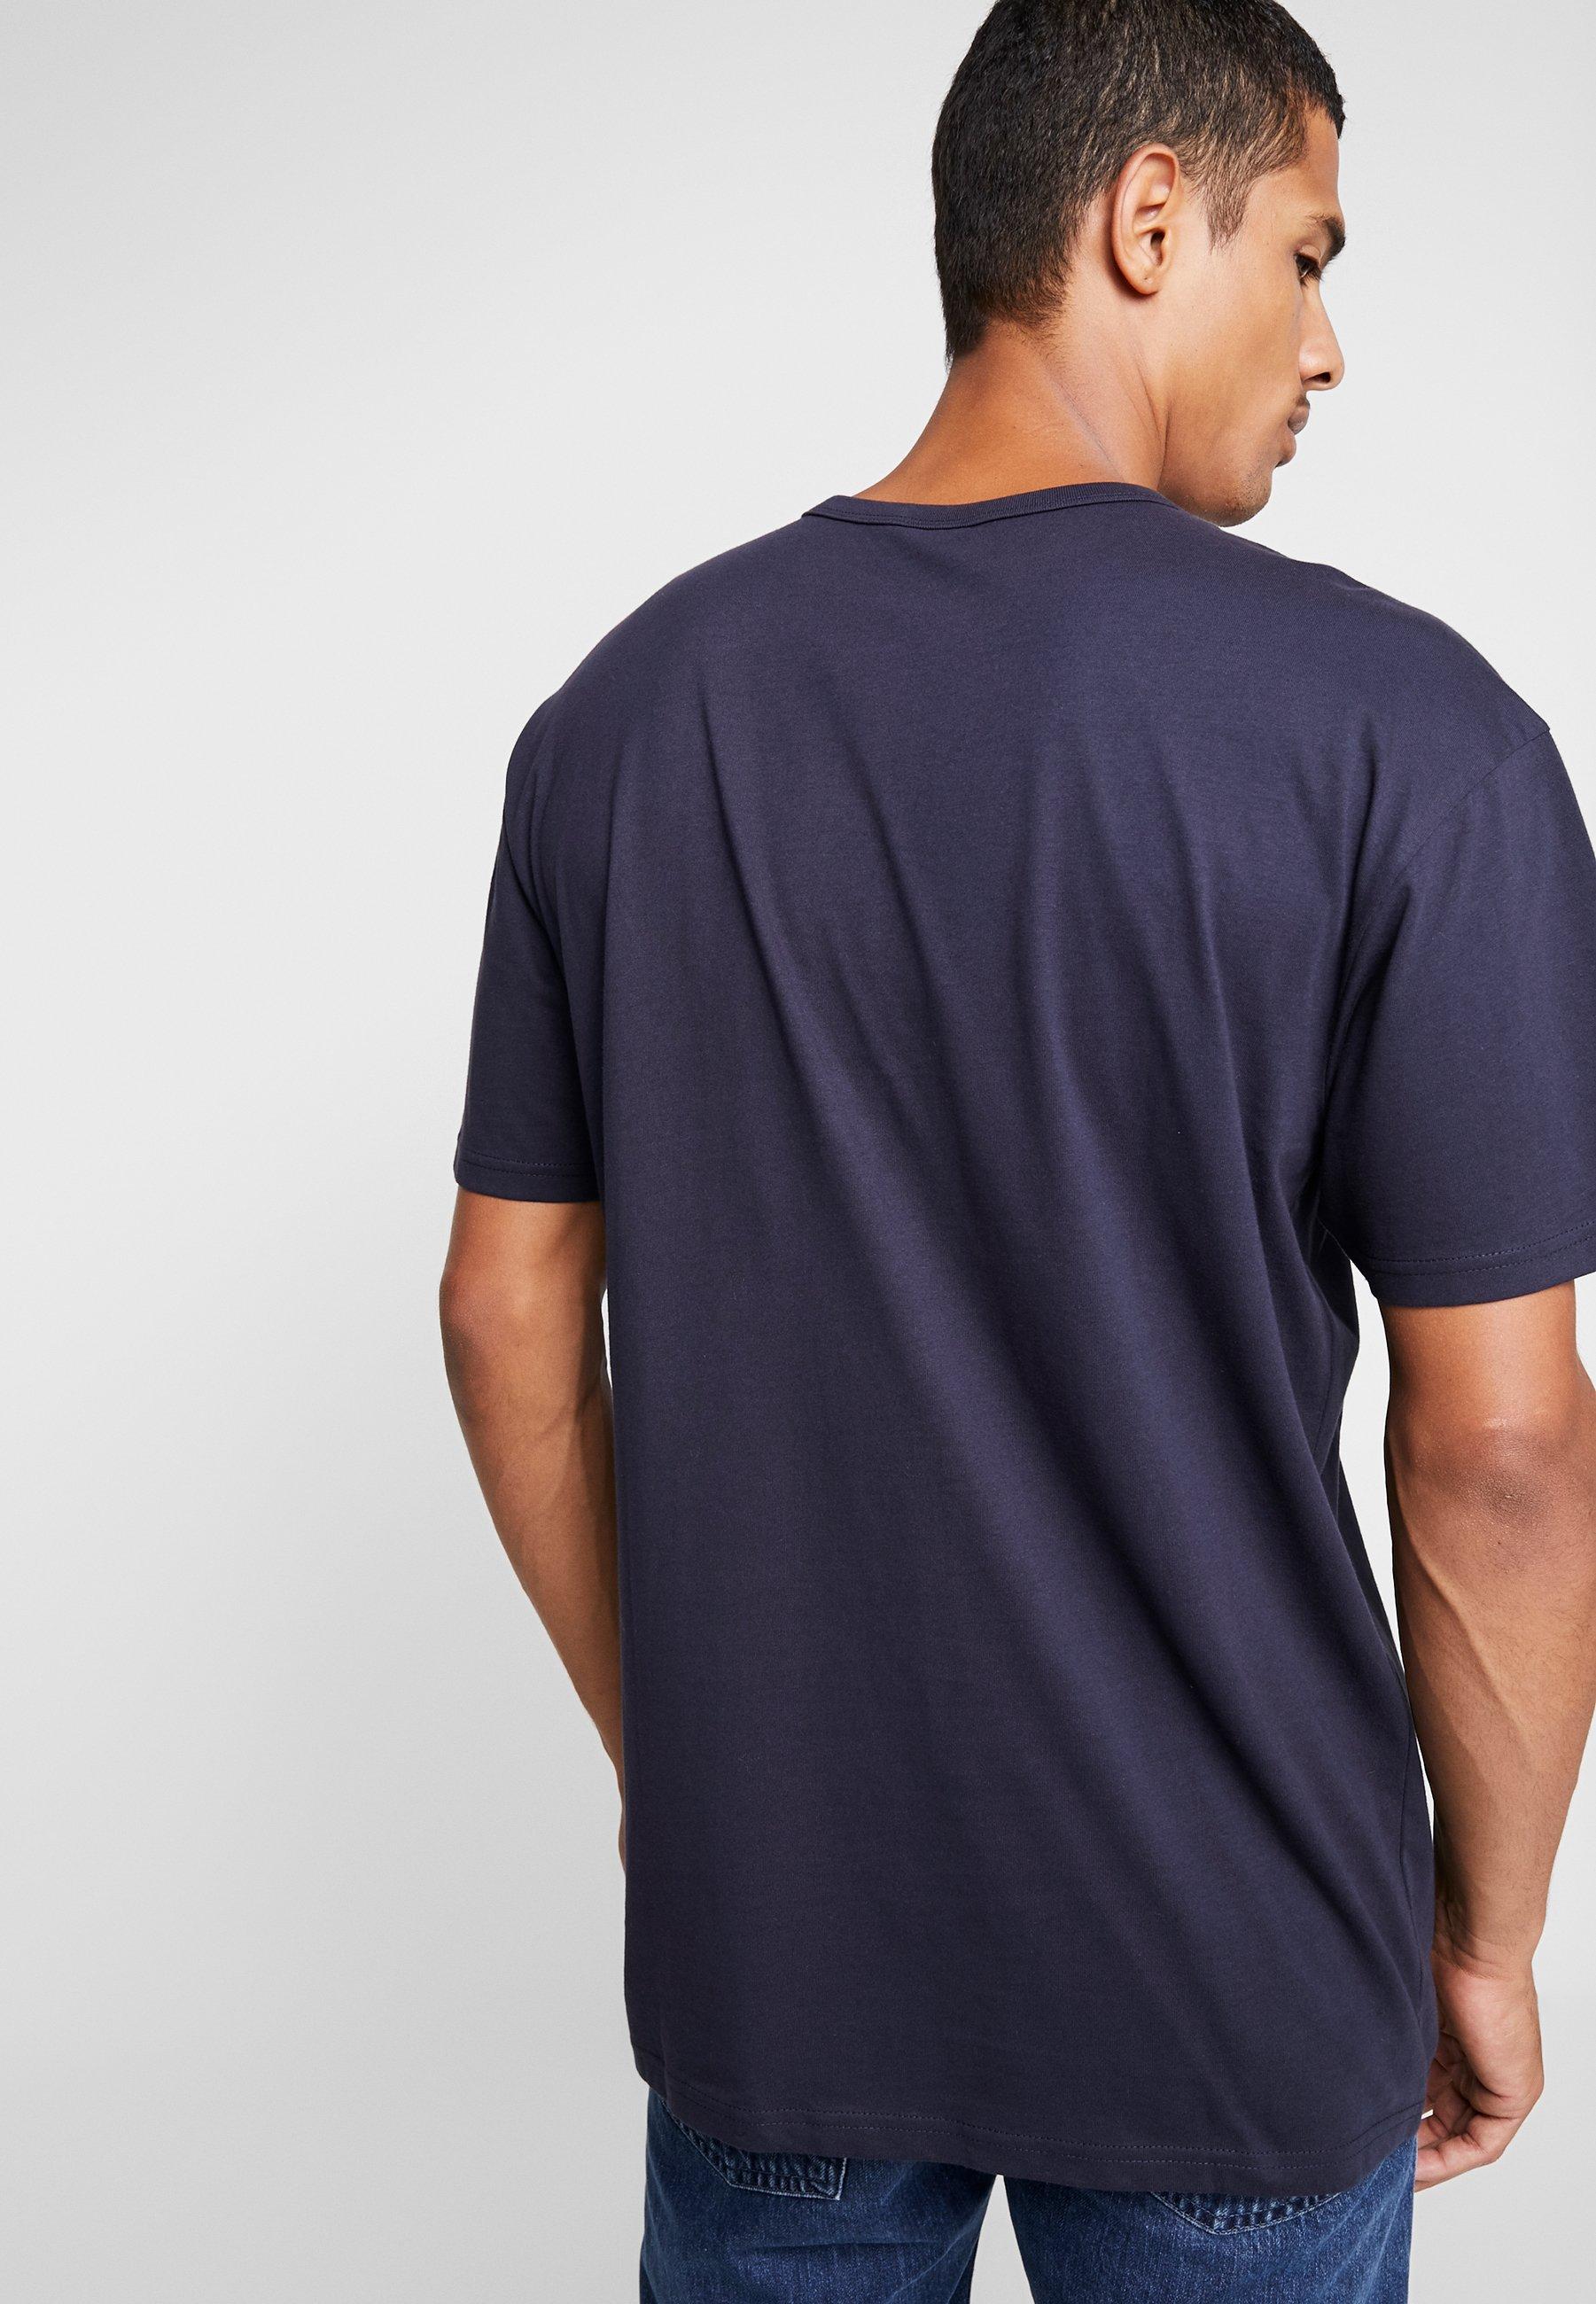 Organic Basic Urban Midnightnavy TeeT Classics shirt Basique W2DHE9IY